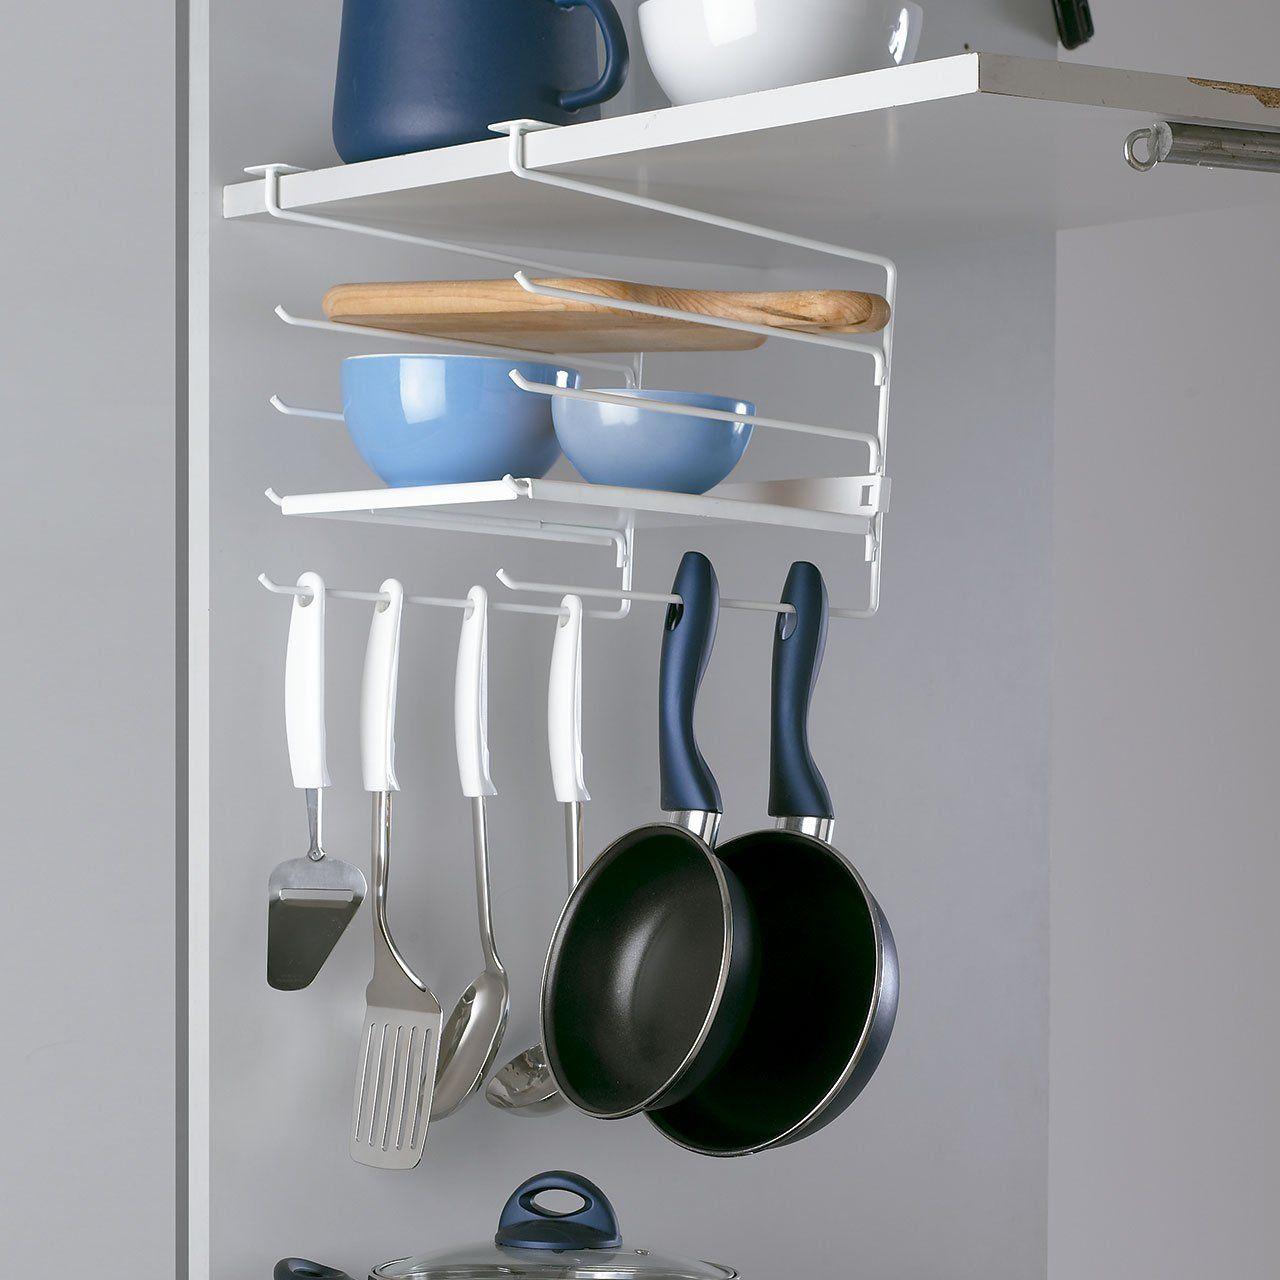 Accessori per organizzare i mobili in cucina! 15 idee da ...